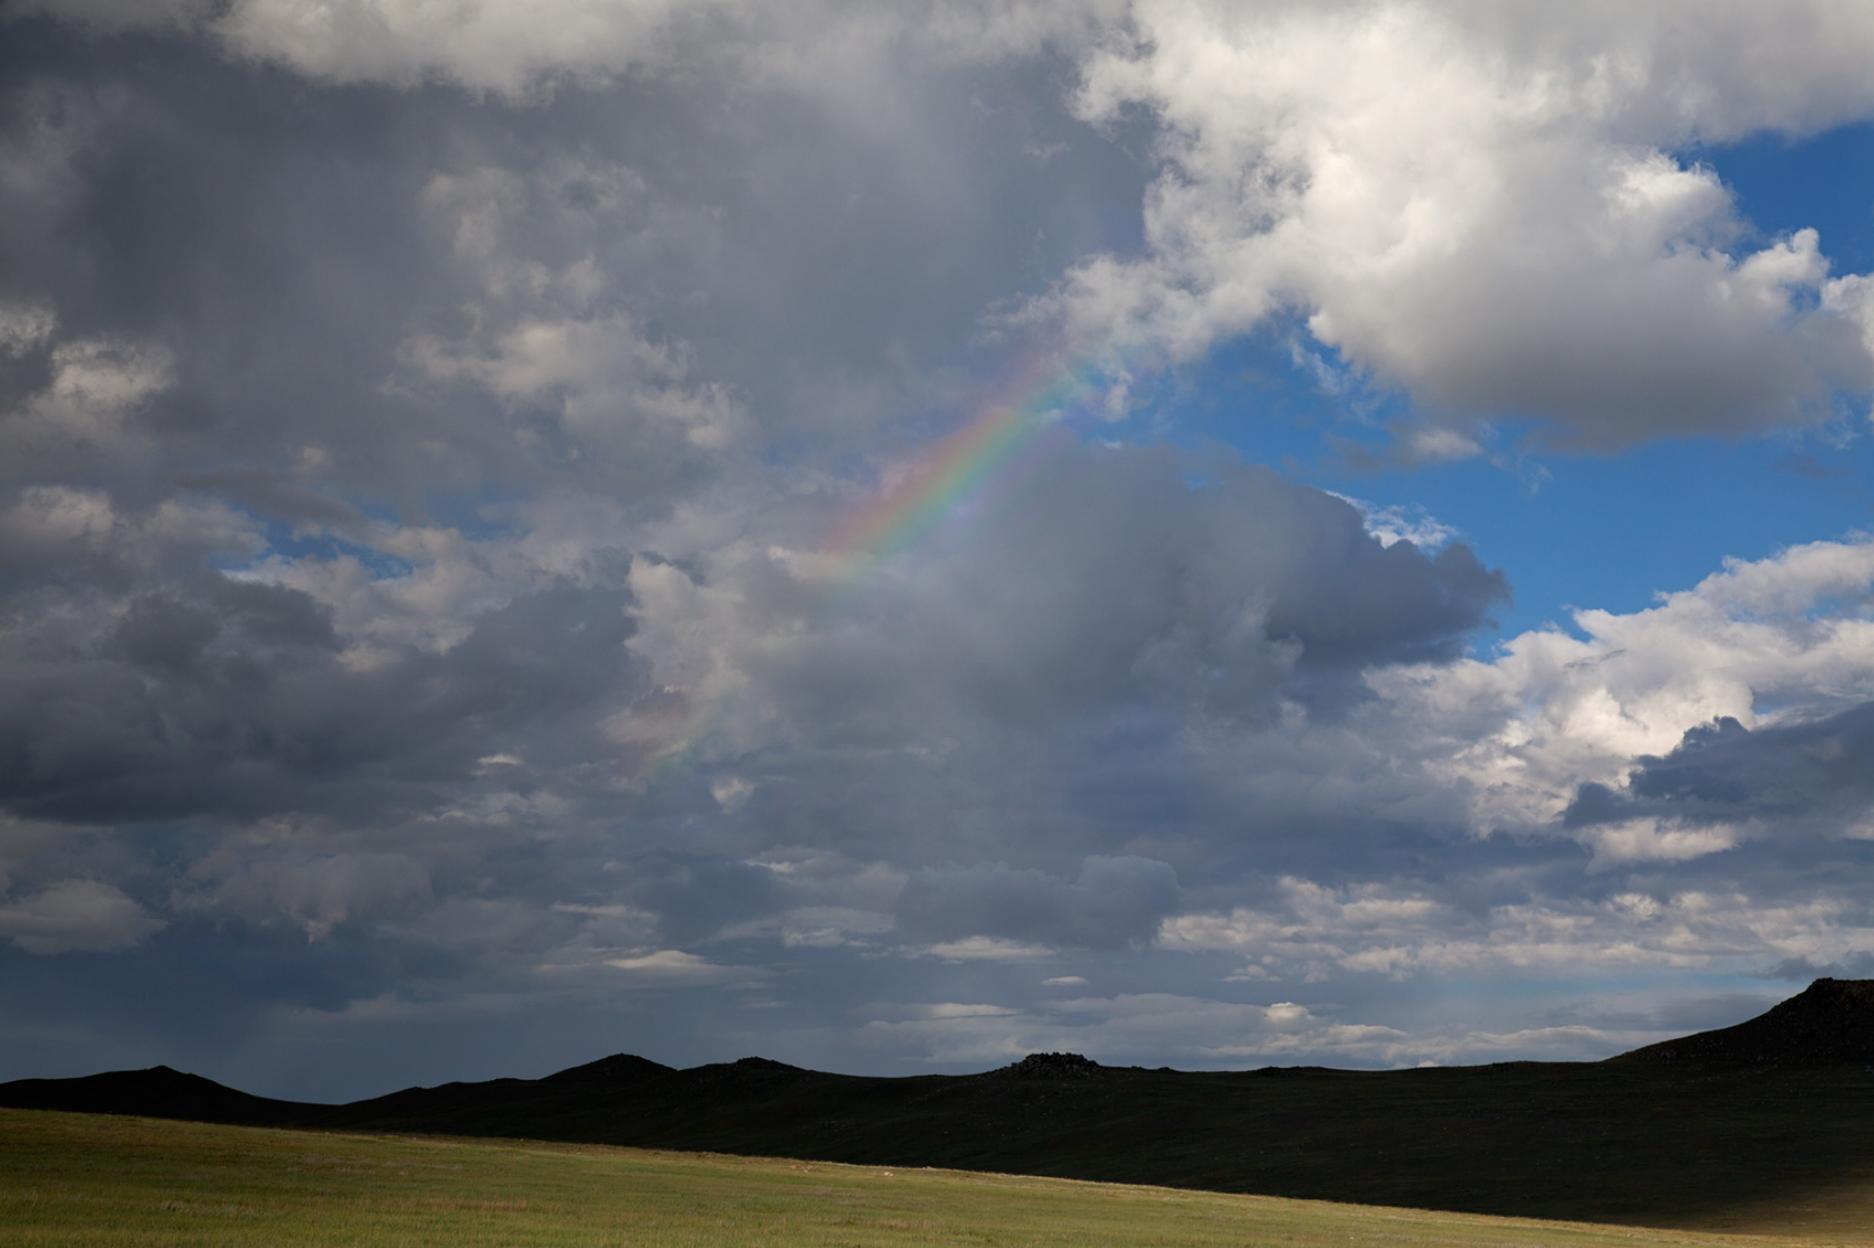 rainbow over Gobi Desert, Mongolia